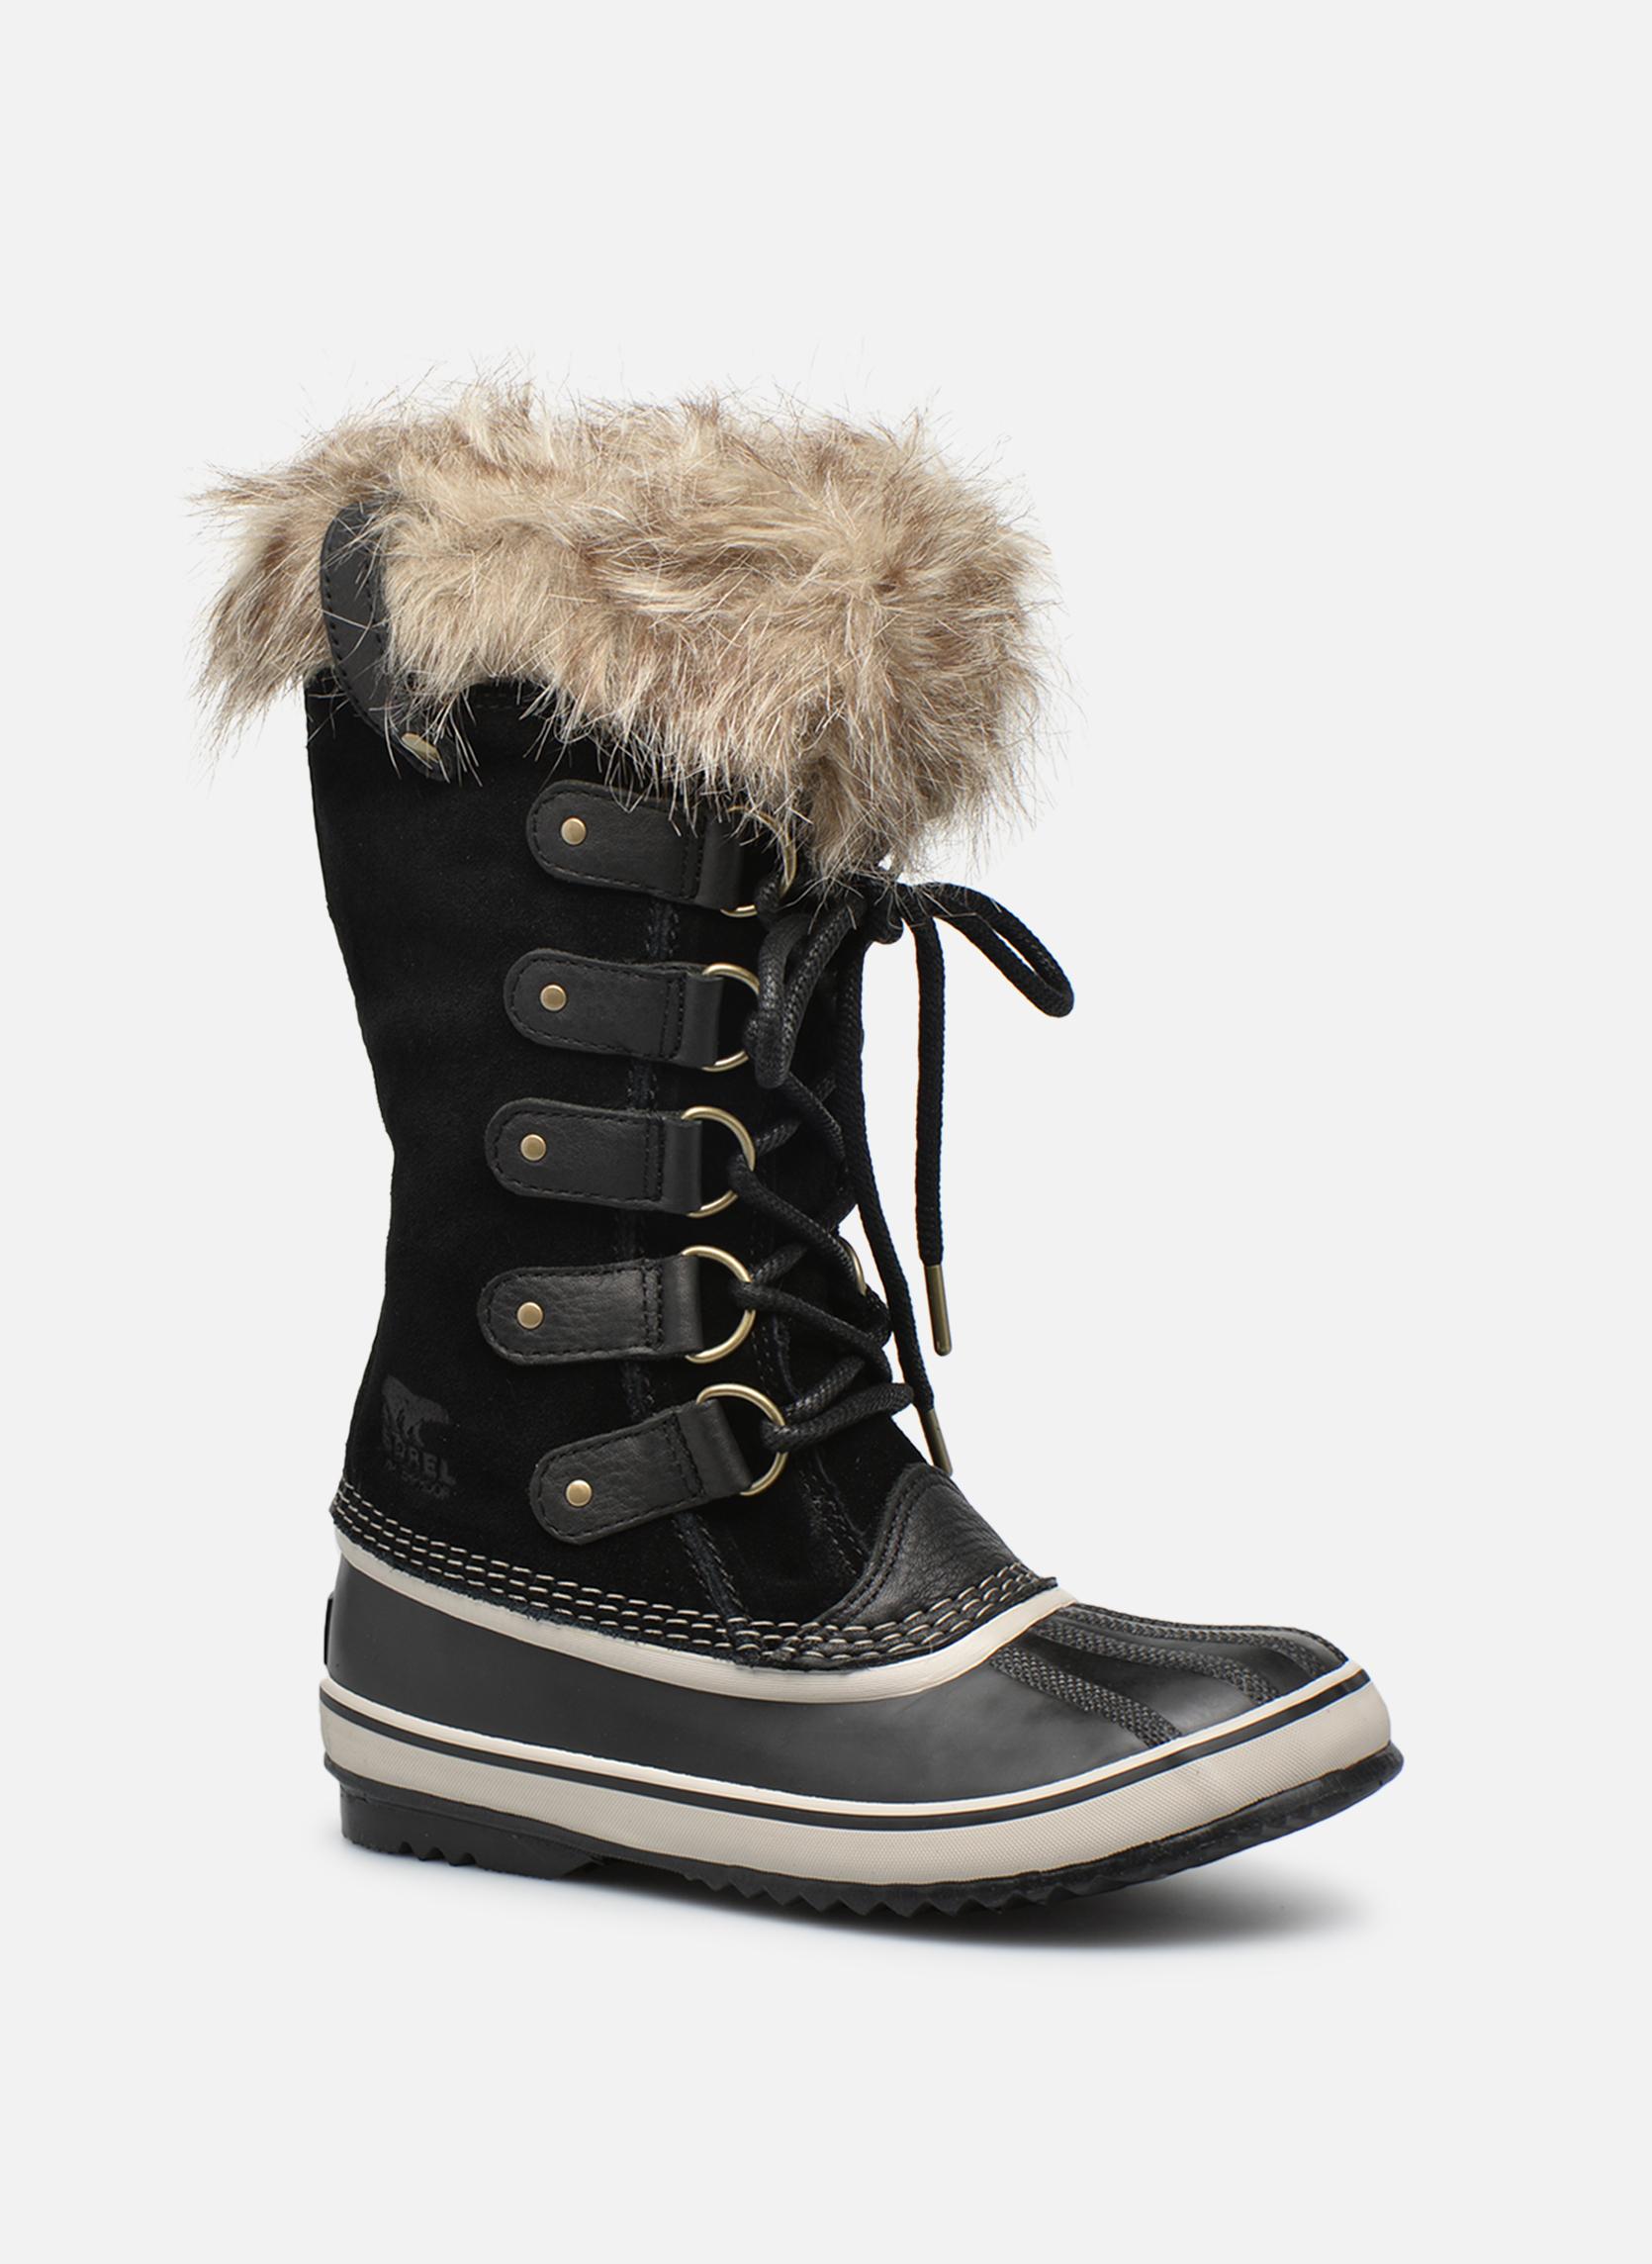 Chaussures de sport Femme Joan Of Arctic